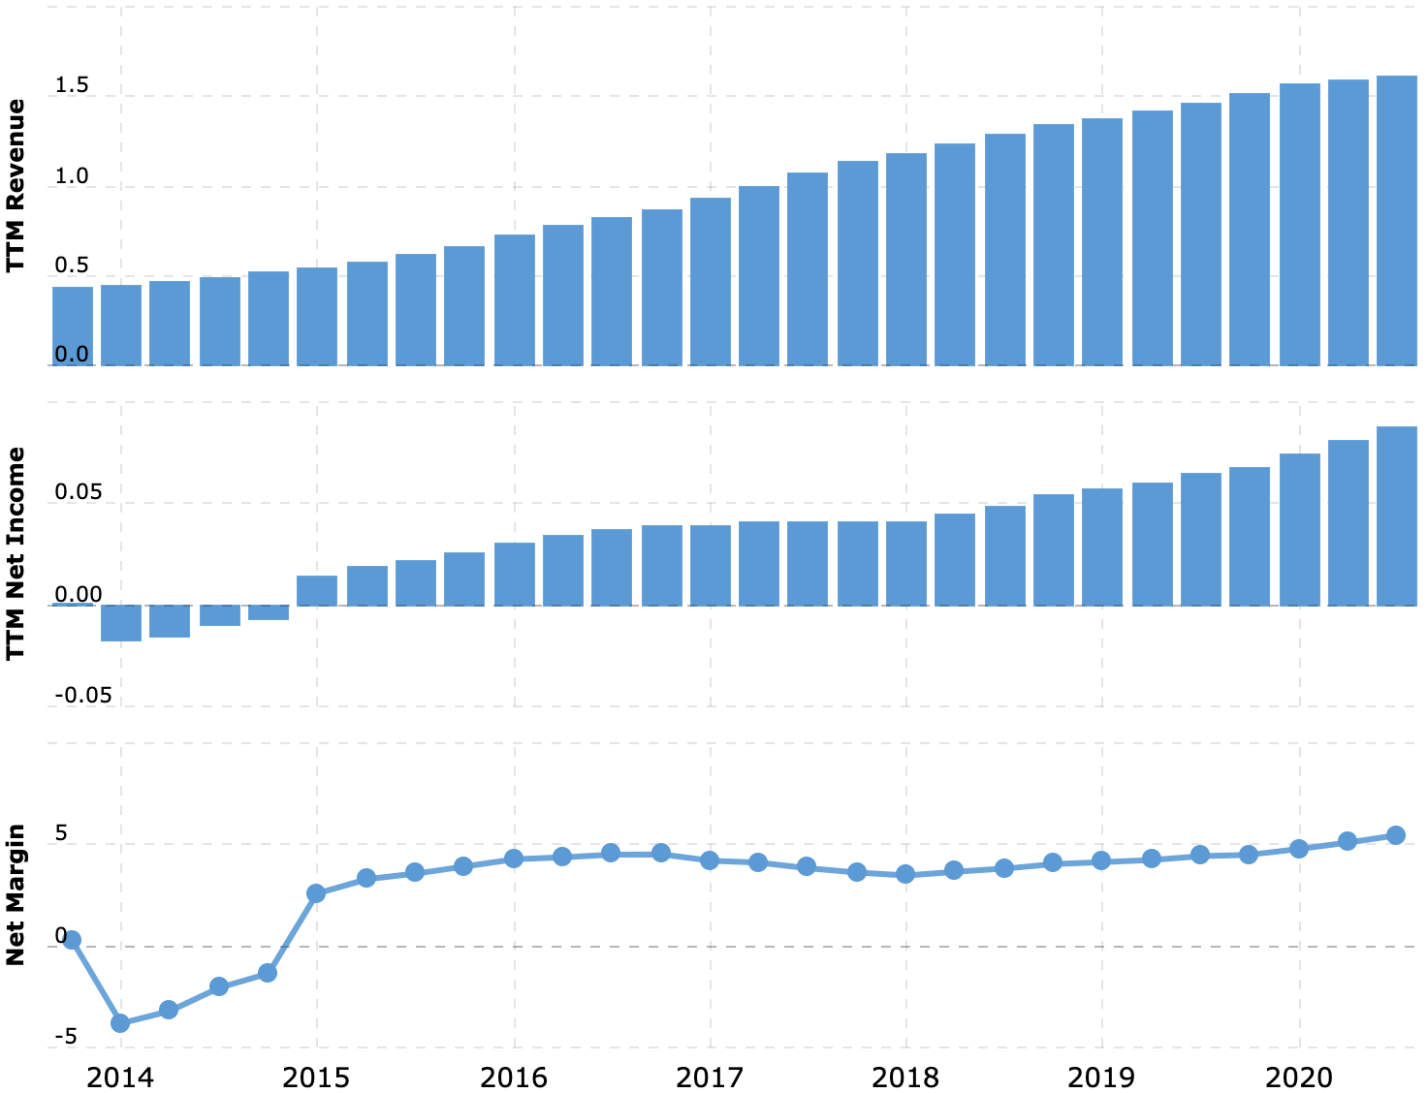 Выручка за последние 12 месяцев в миллиардах долларов, итоговая маржа в процентах от выручки. Источник: Macrotrends